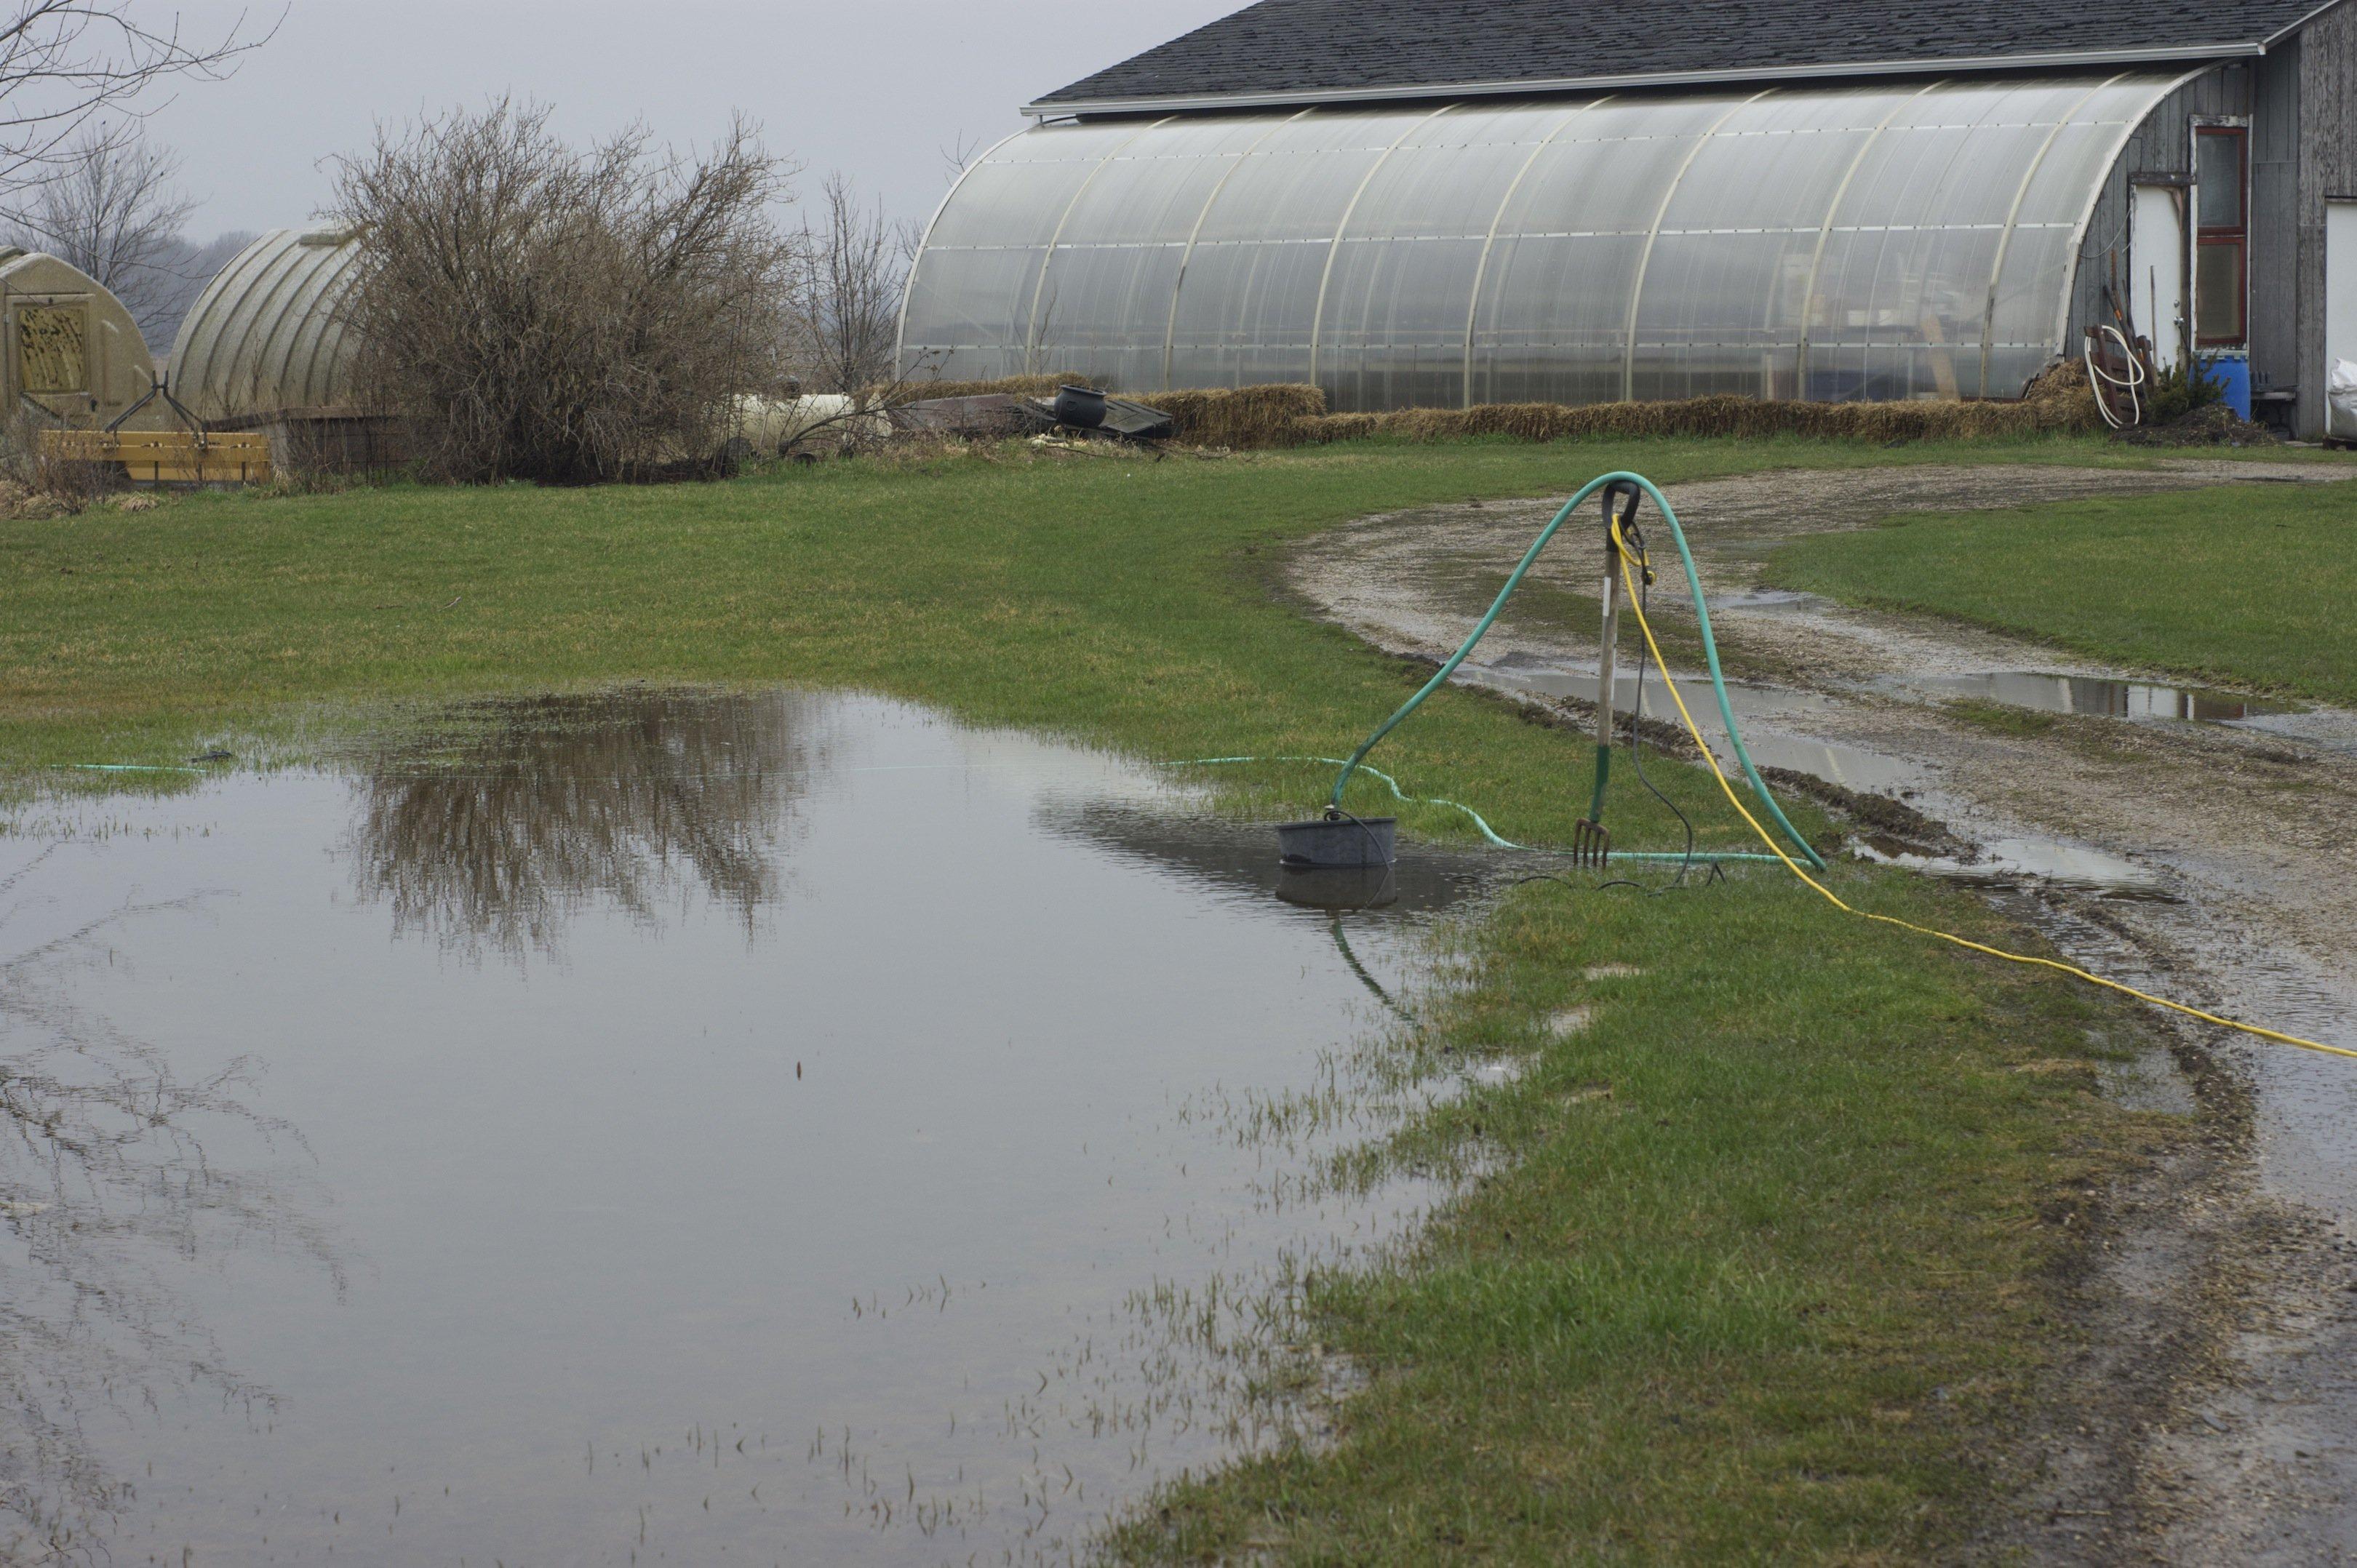 water by nursery greenhse